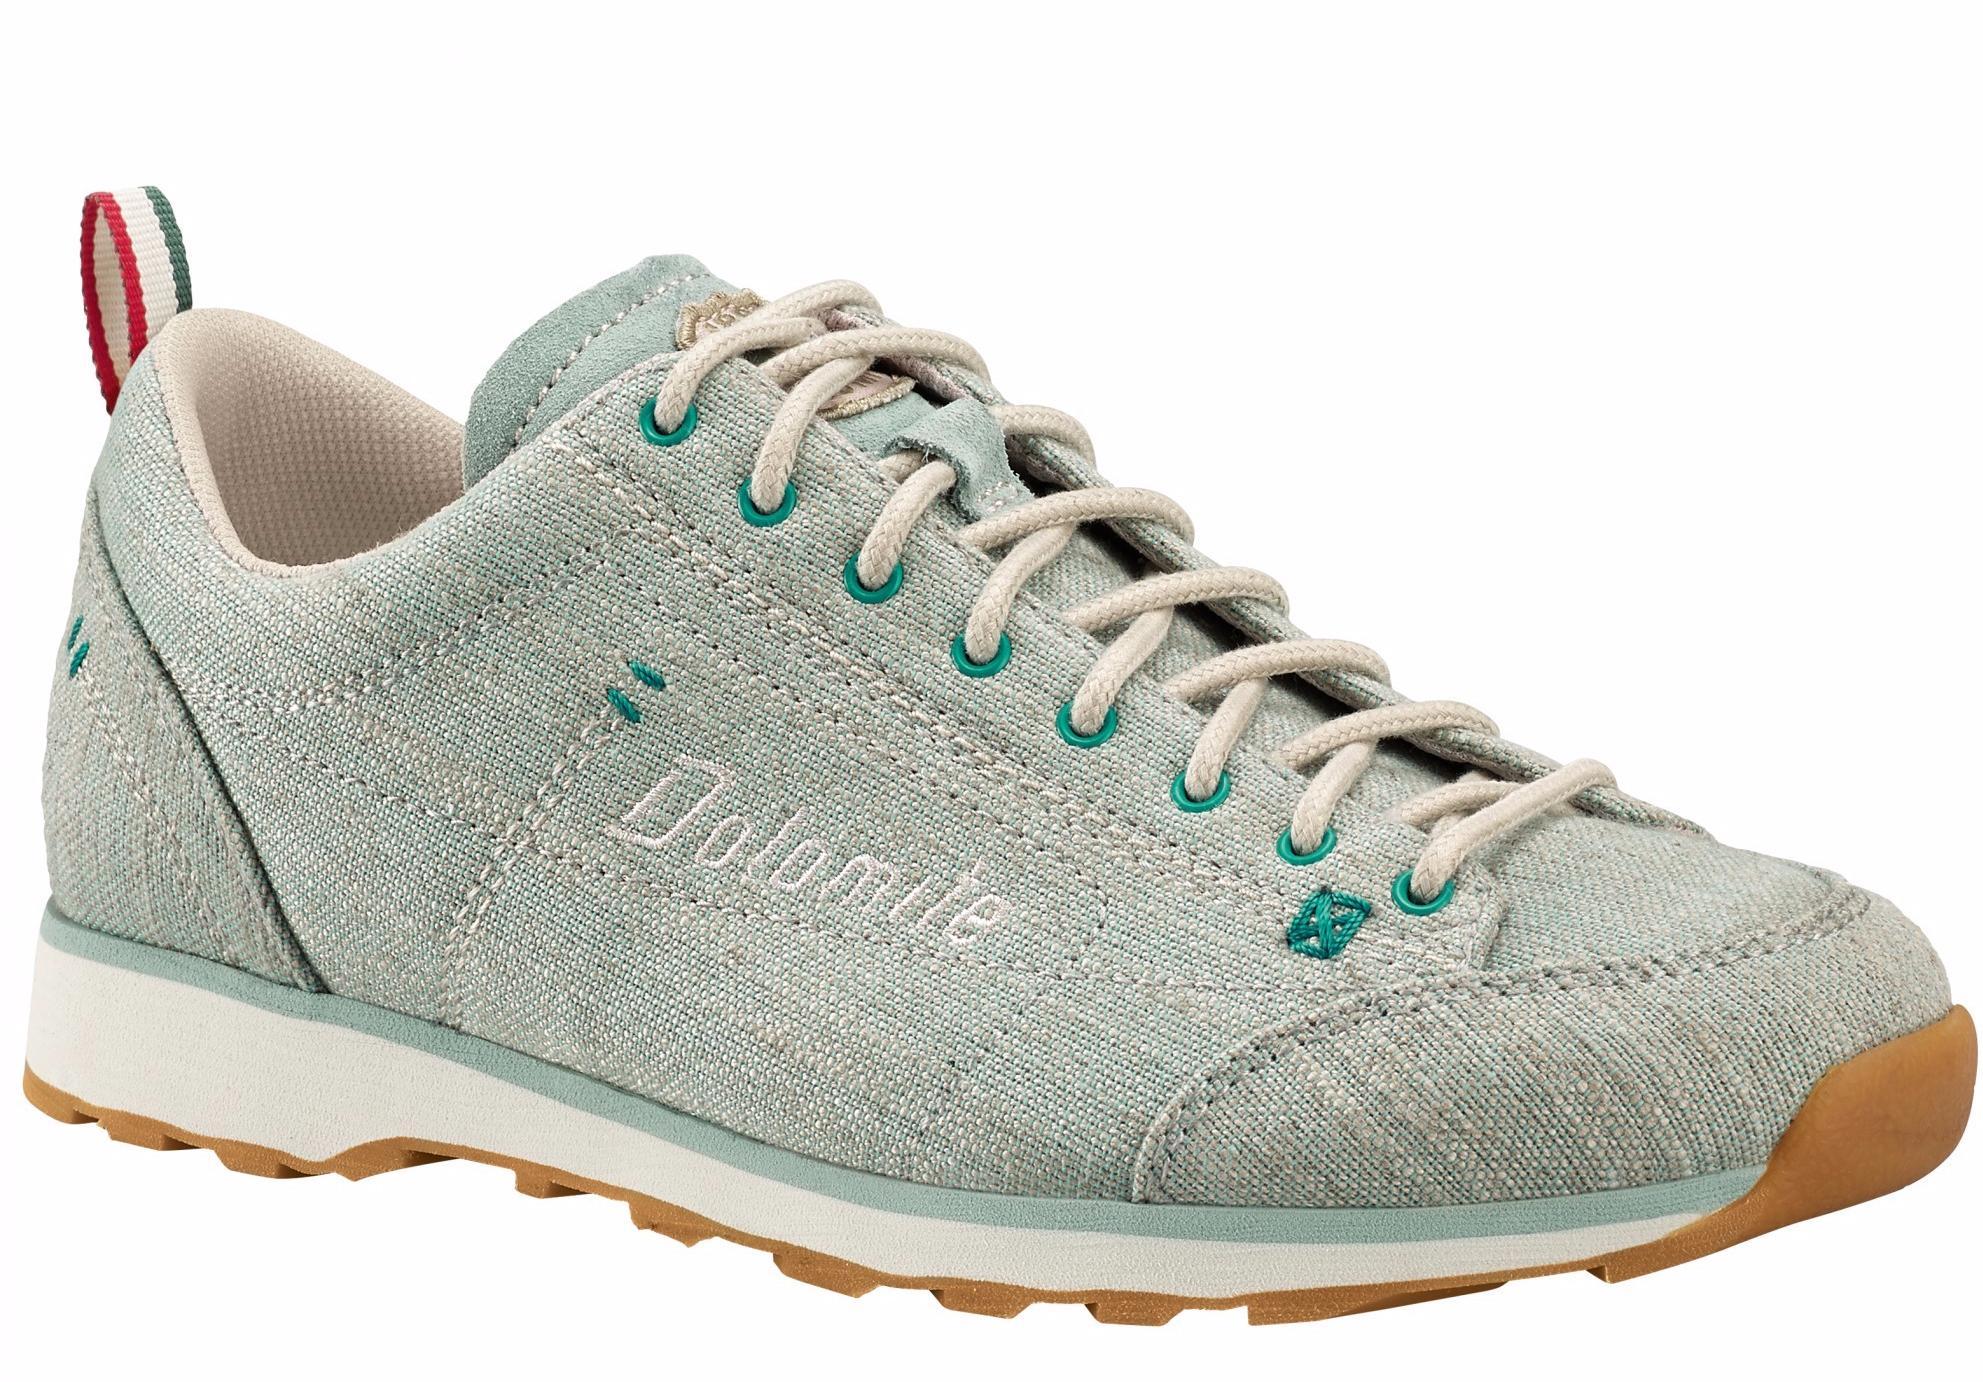 Ботинки городские (низкие) Dolomite 2017 Cinquantaquattro Lh Canvas Ws Aquamarine Green/Canapa Beige, Треккинговая обувь, 1331801  - купить со скидкой